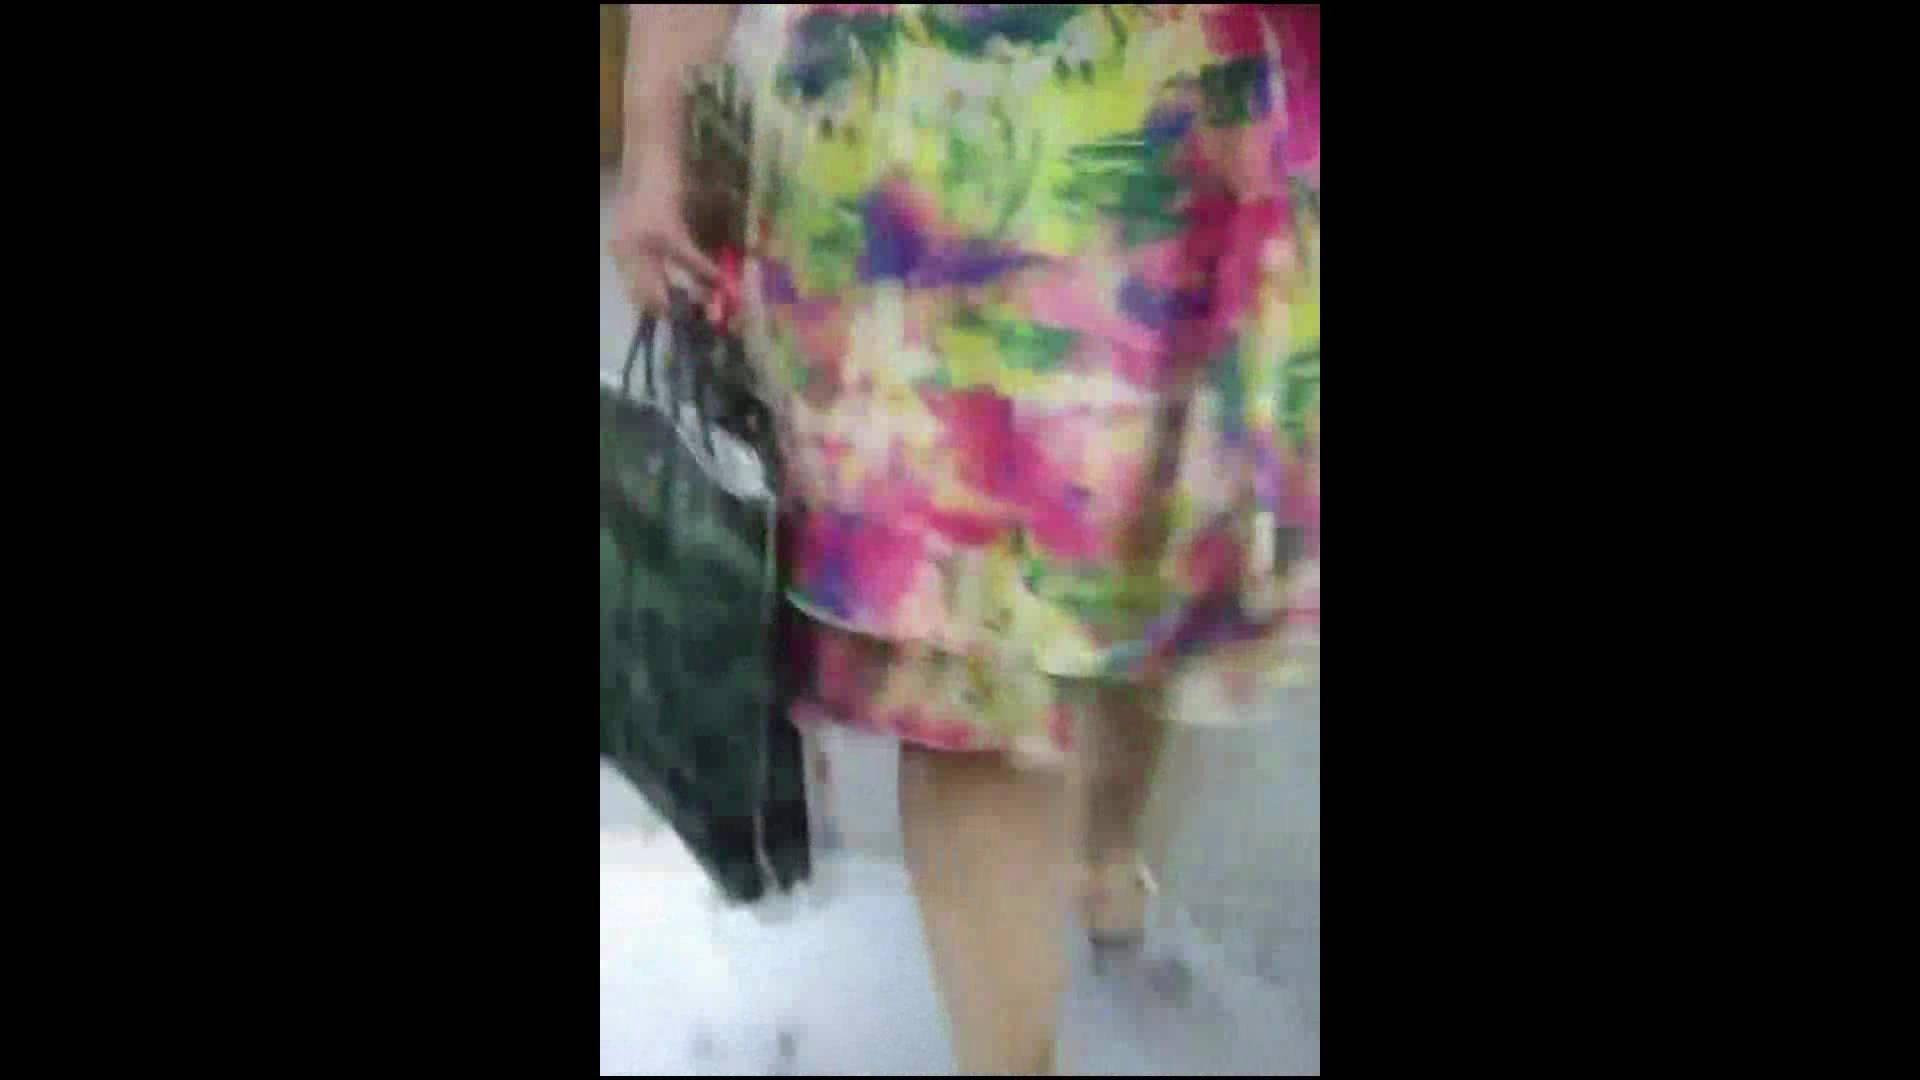 綺麗なモデルさんのスカート捲っちゃおう‼vol01 Hなお姉さん | モデルヌード  74pic 65